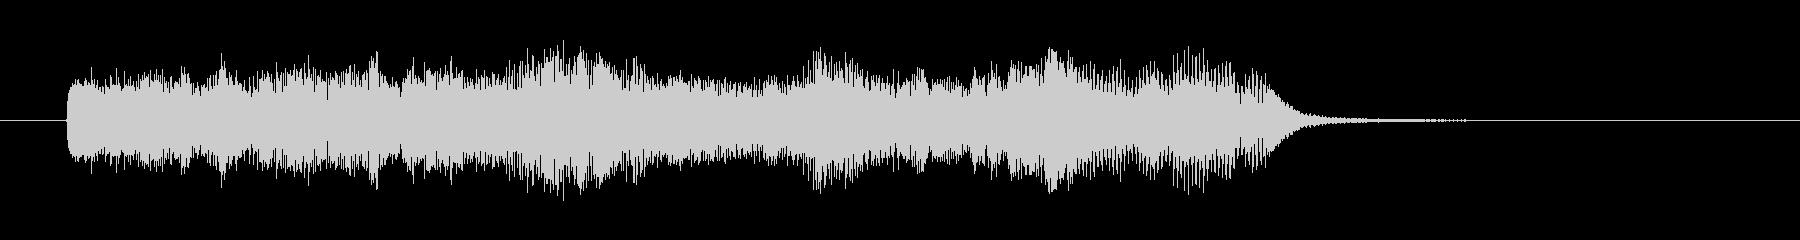 煌びやかでメルヘンポップなジングルの未再生の波形